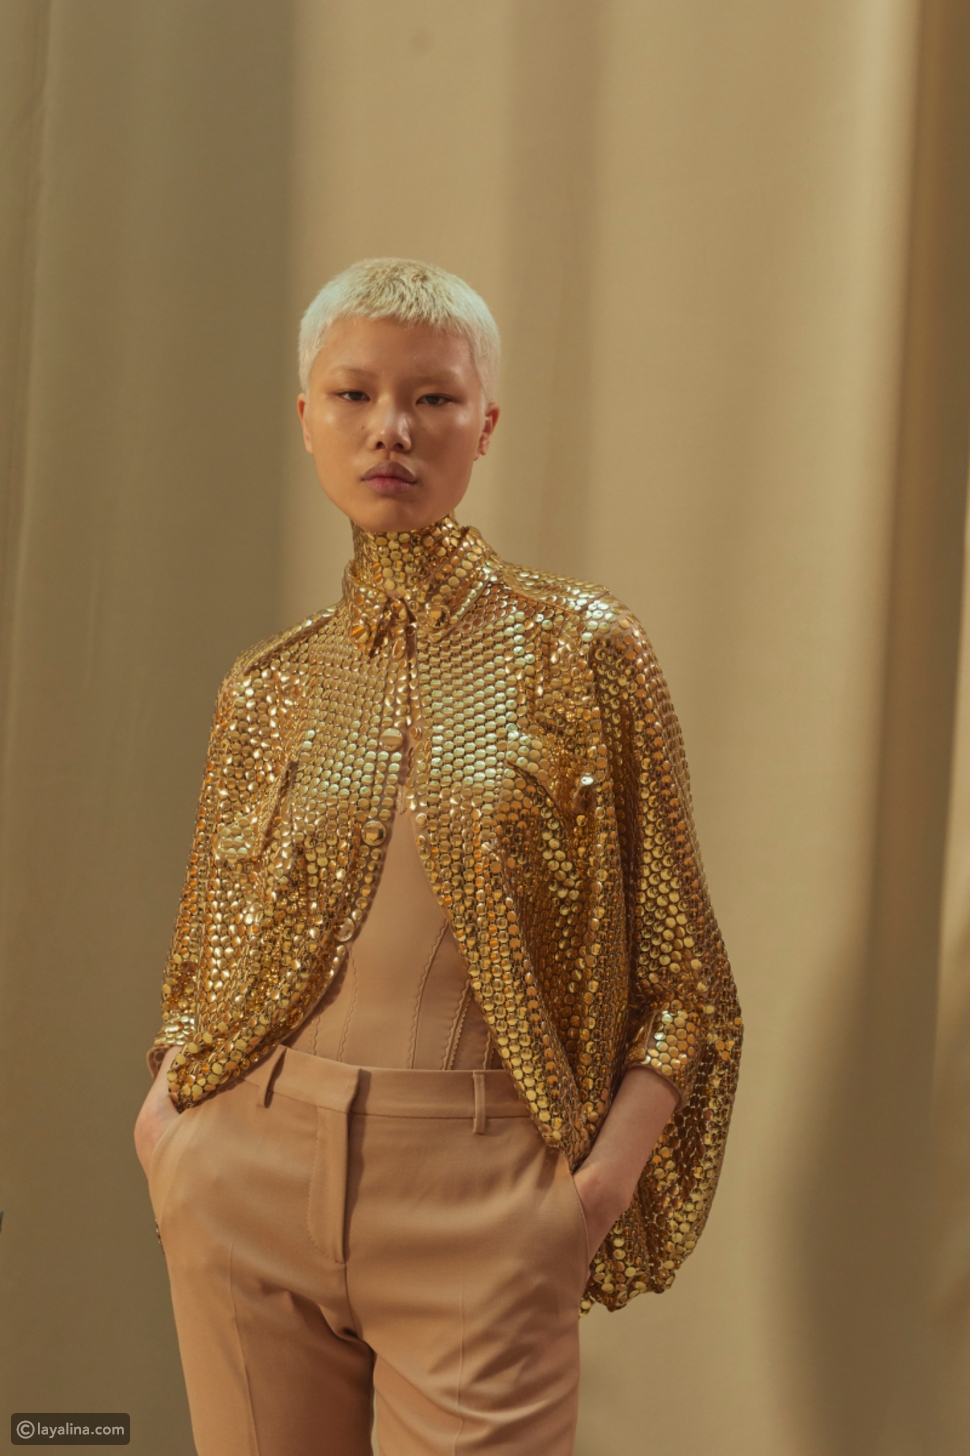 أزياء لامعة باللون الذهبي